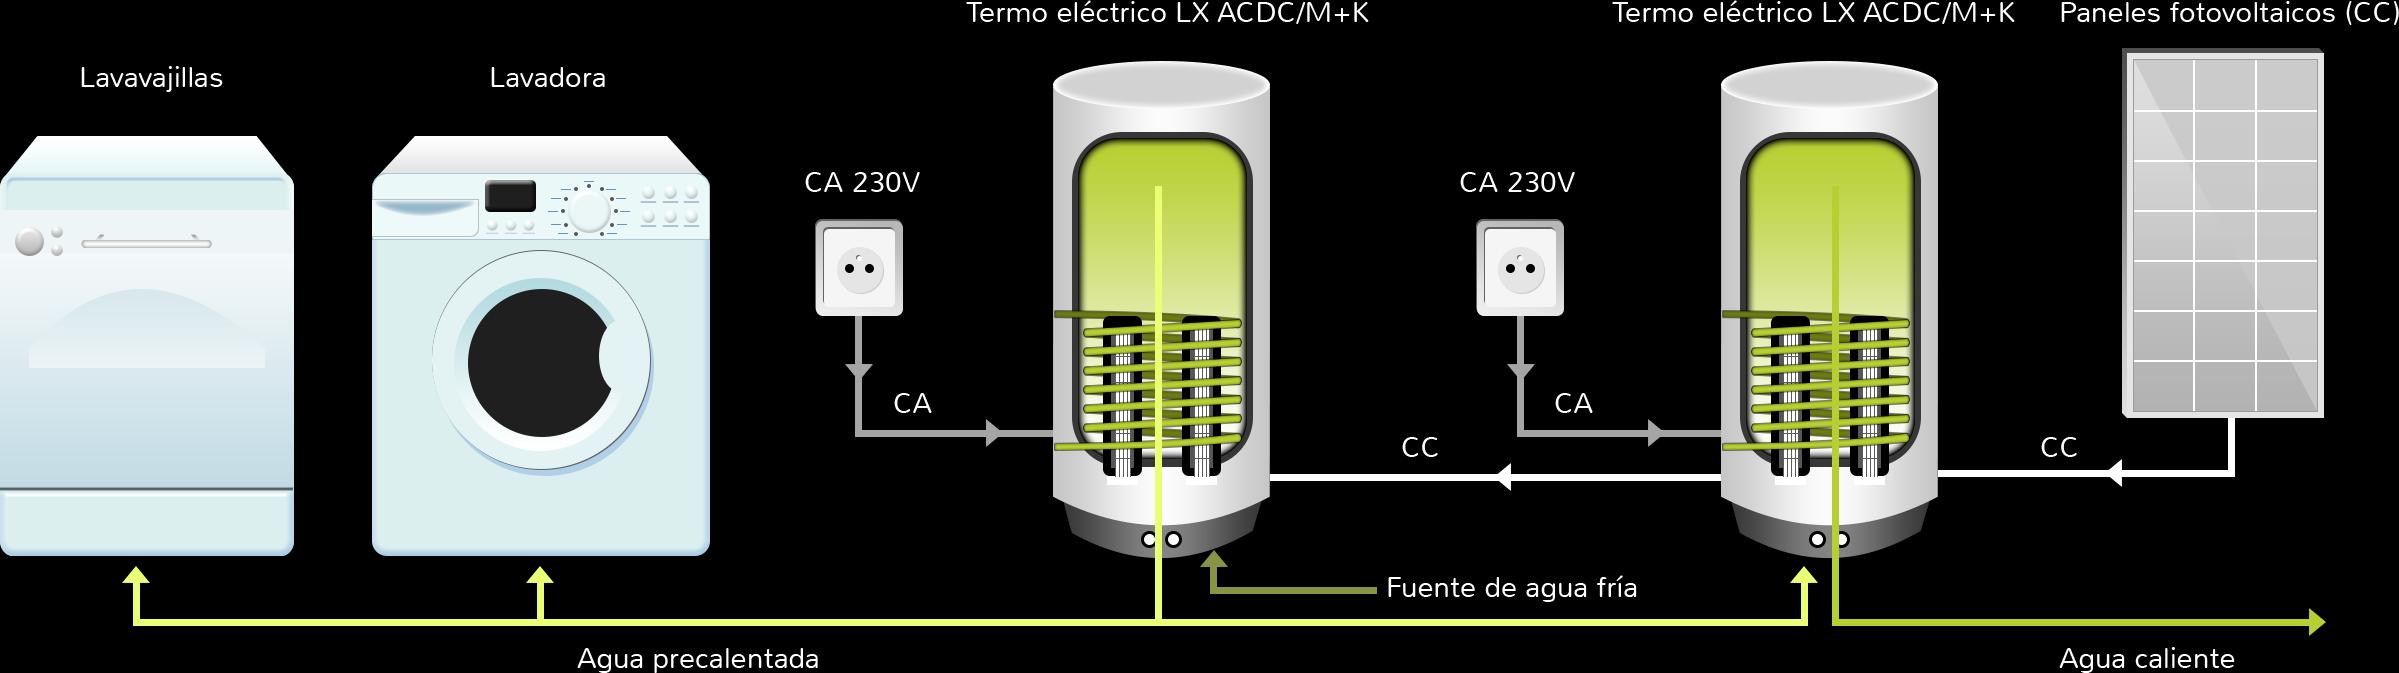 Calentamiento de agua termos el ctricos h bridos - Termos calentadores de agua electricos ...